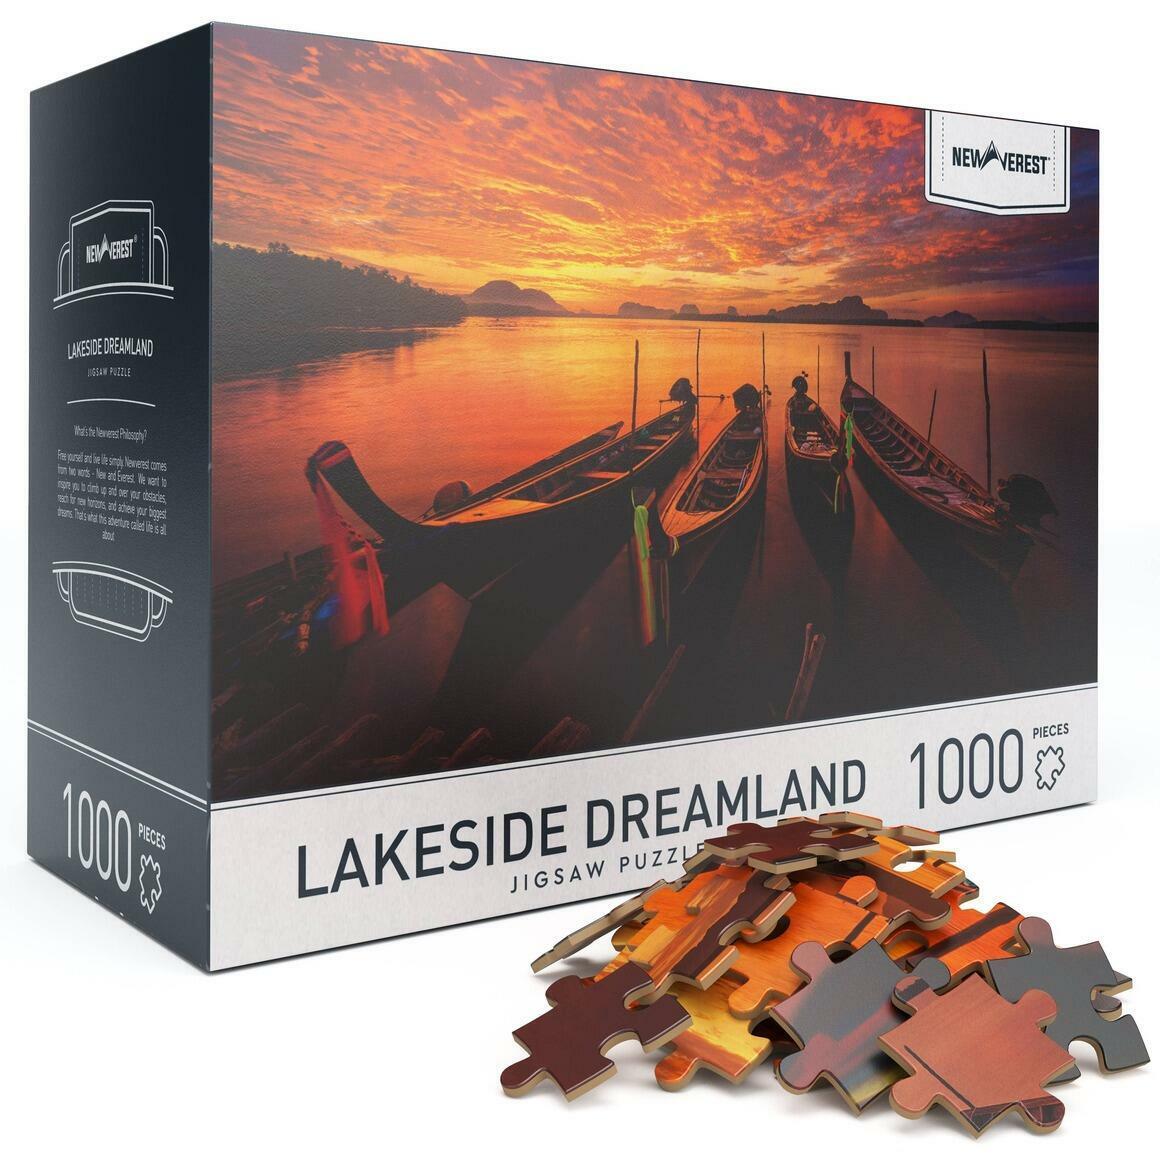 1000 pcs Newverest Lakeside Dreamland Jigsaw Puzzle | Trada Marketplace